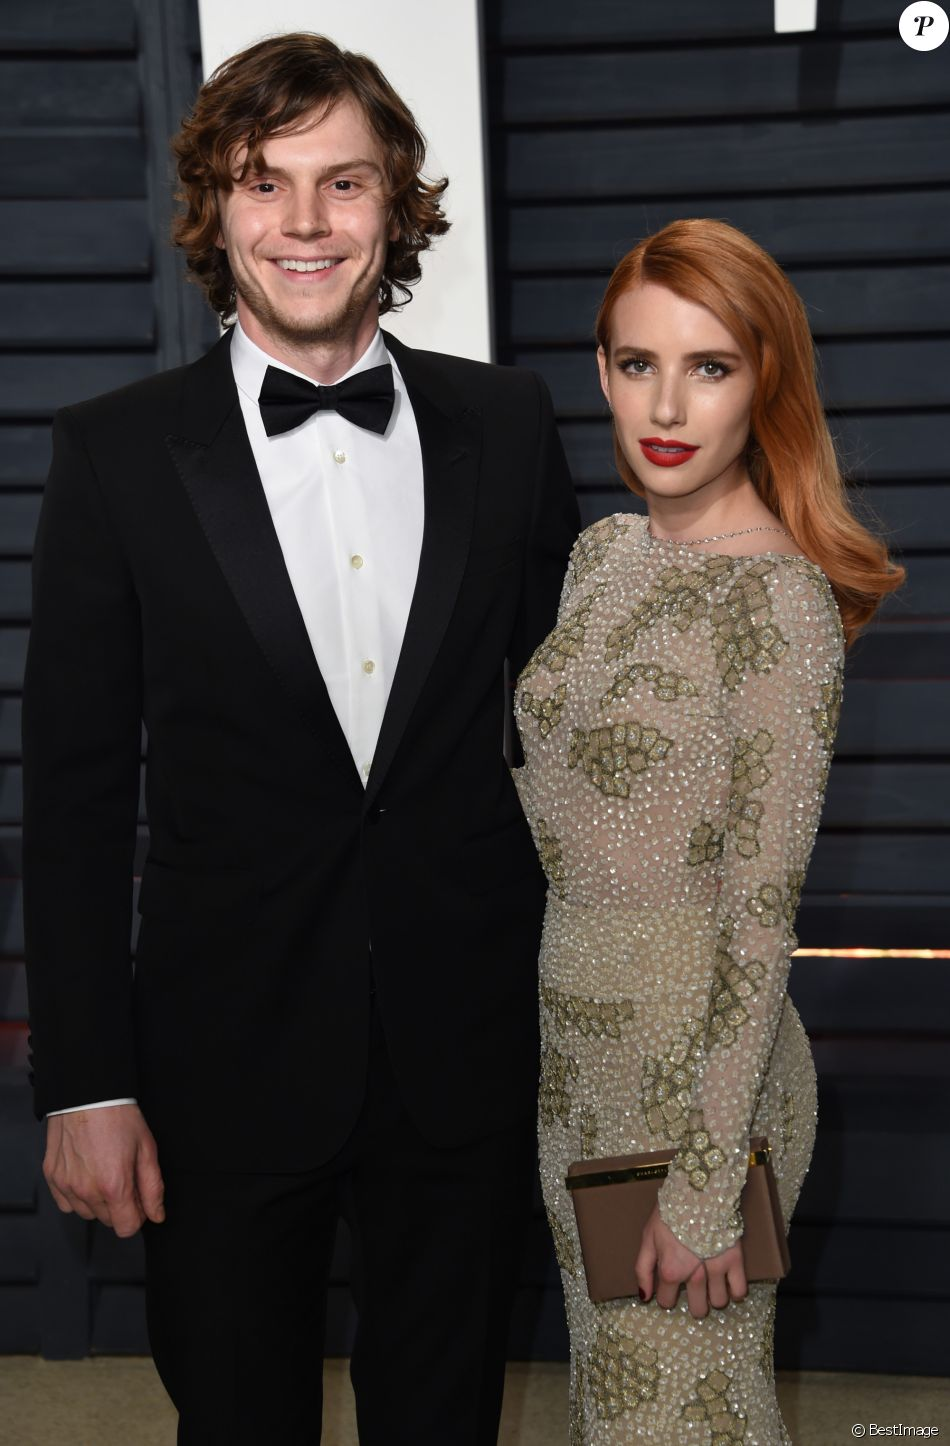 Evan Peters et sa fiancée Emma Roberts - Vanity Fair Oscar viewing party 2017 au Wallis Annenberg Center for the Performing Arts à Beverly Hills, le 26 février 2017. © Chris Delmas/Bestimage